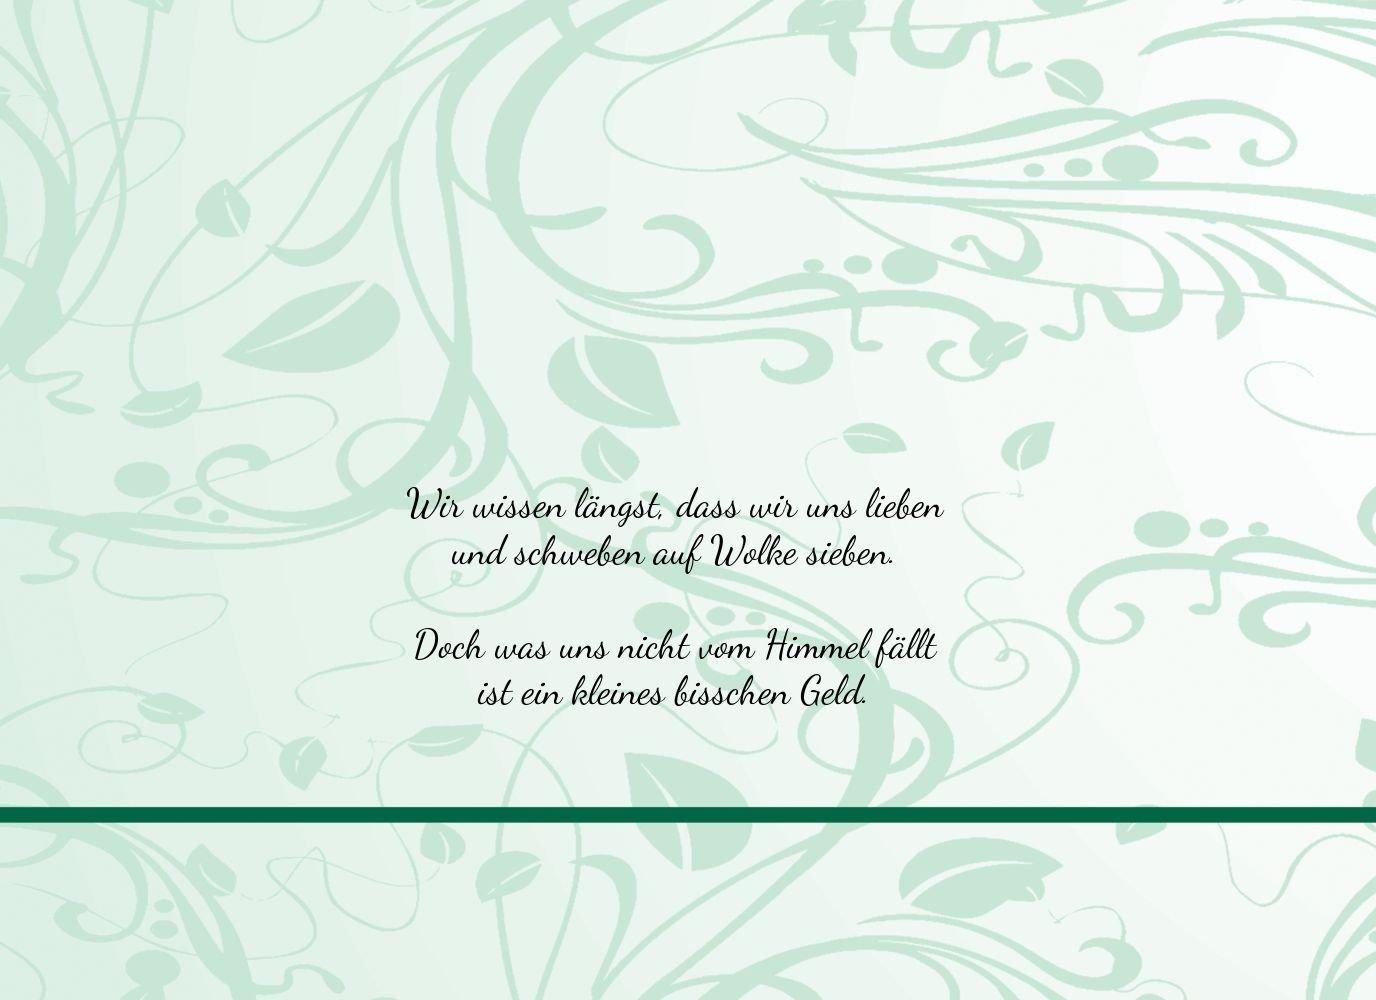 Kartenparadies Hochzeitskarte Hochzeit Einladung Blättertraum 2, 2, 2, hochwertige Einladung zur Heirat inklusive Umschläge   10 Karten - (Format  148x105 mm) Farbe  Schwarz B01MYAFGIT   Helle Farben    Spielzeugwelt, spielen Sie Ihre eigene Welt    bce35f